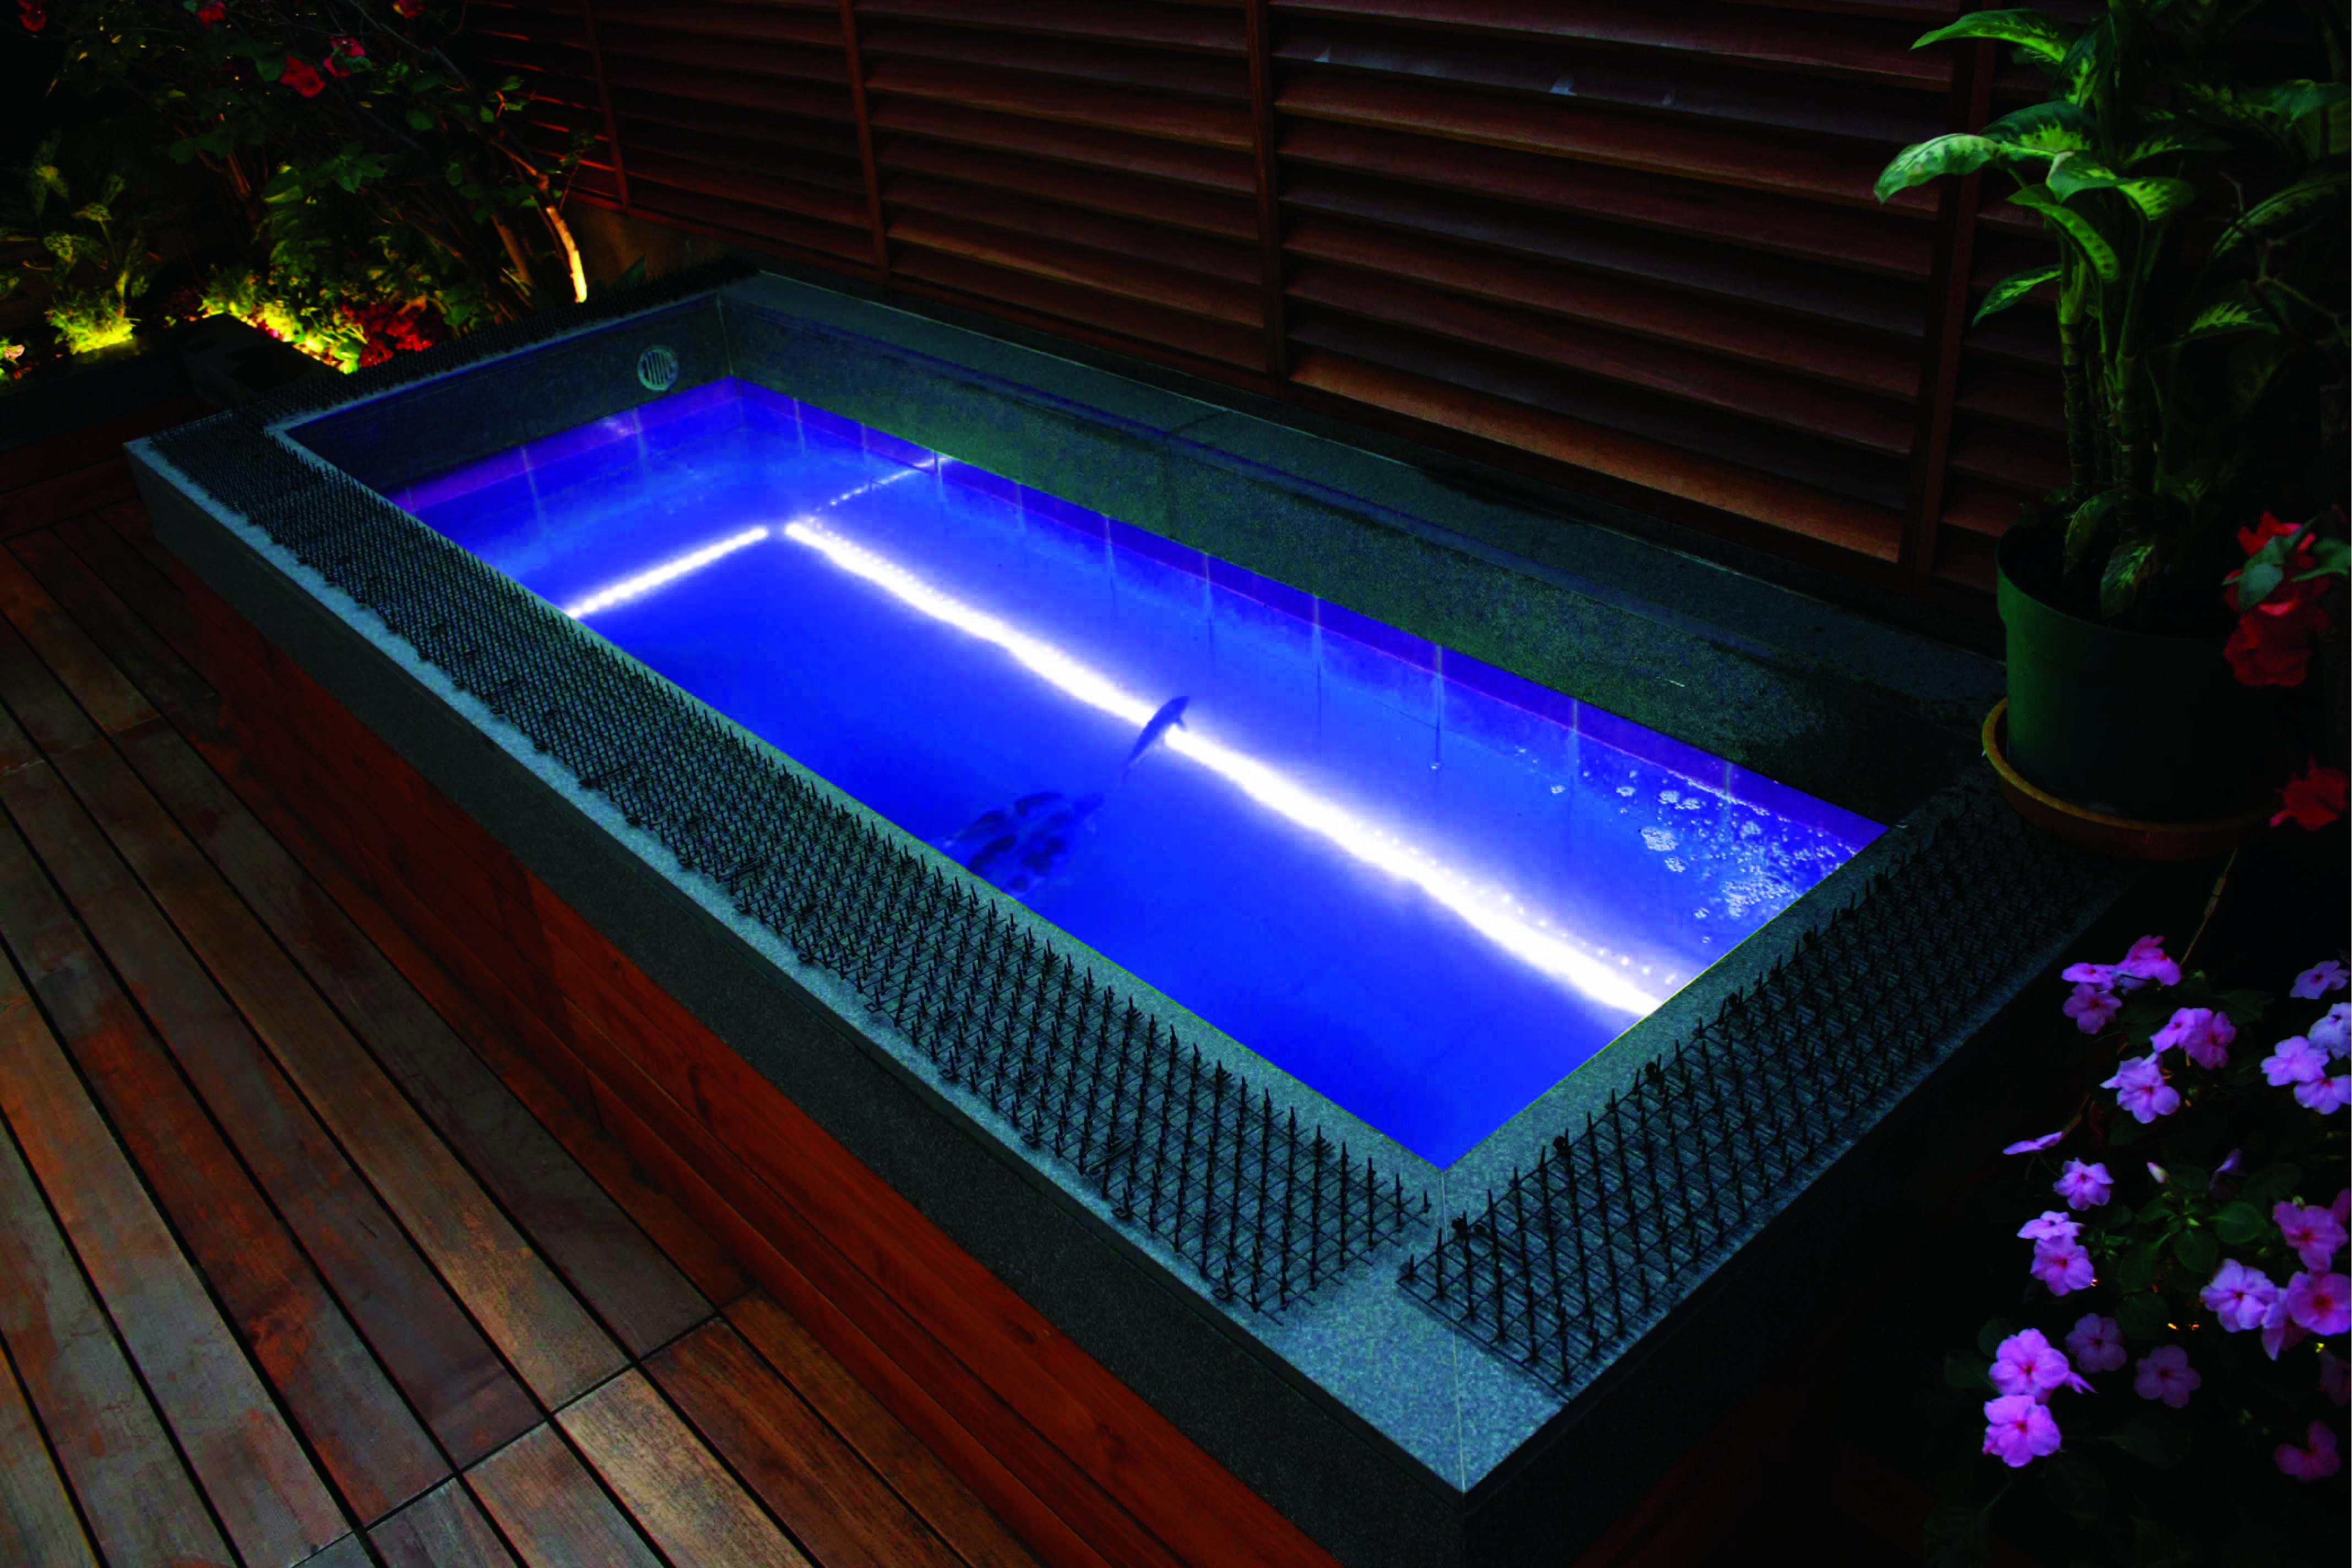 Unterwasser Poolbeleuchtung Mit Wasserdichtem Led Lichtband Ip68 Zertifiziert Chlor Uv Salzwasserbestand Pool Beleuchtung Poolbeleuchtung Led Led Lichtband